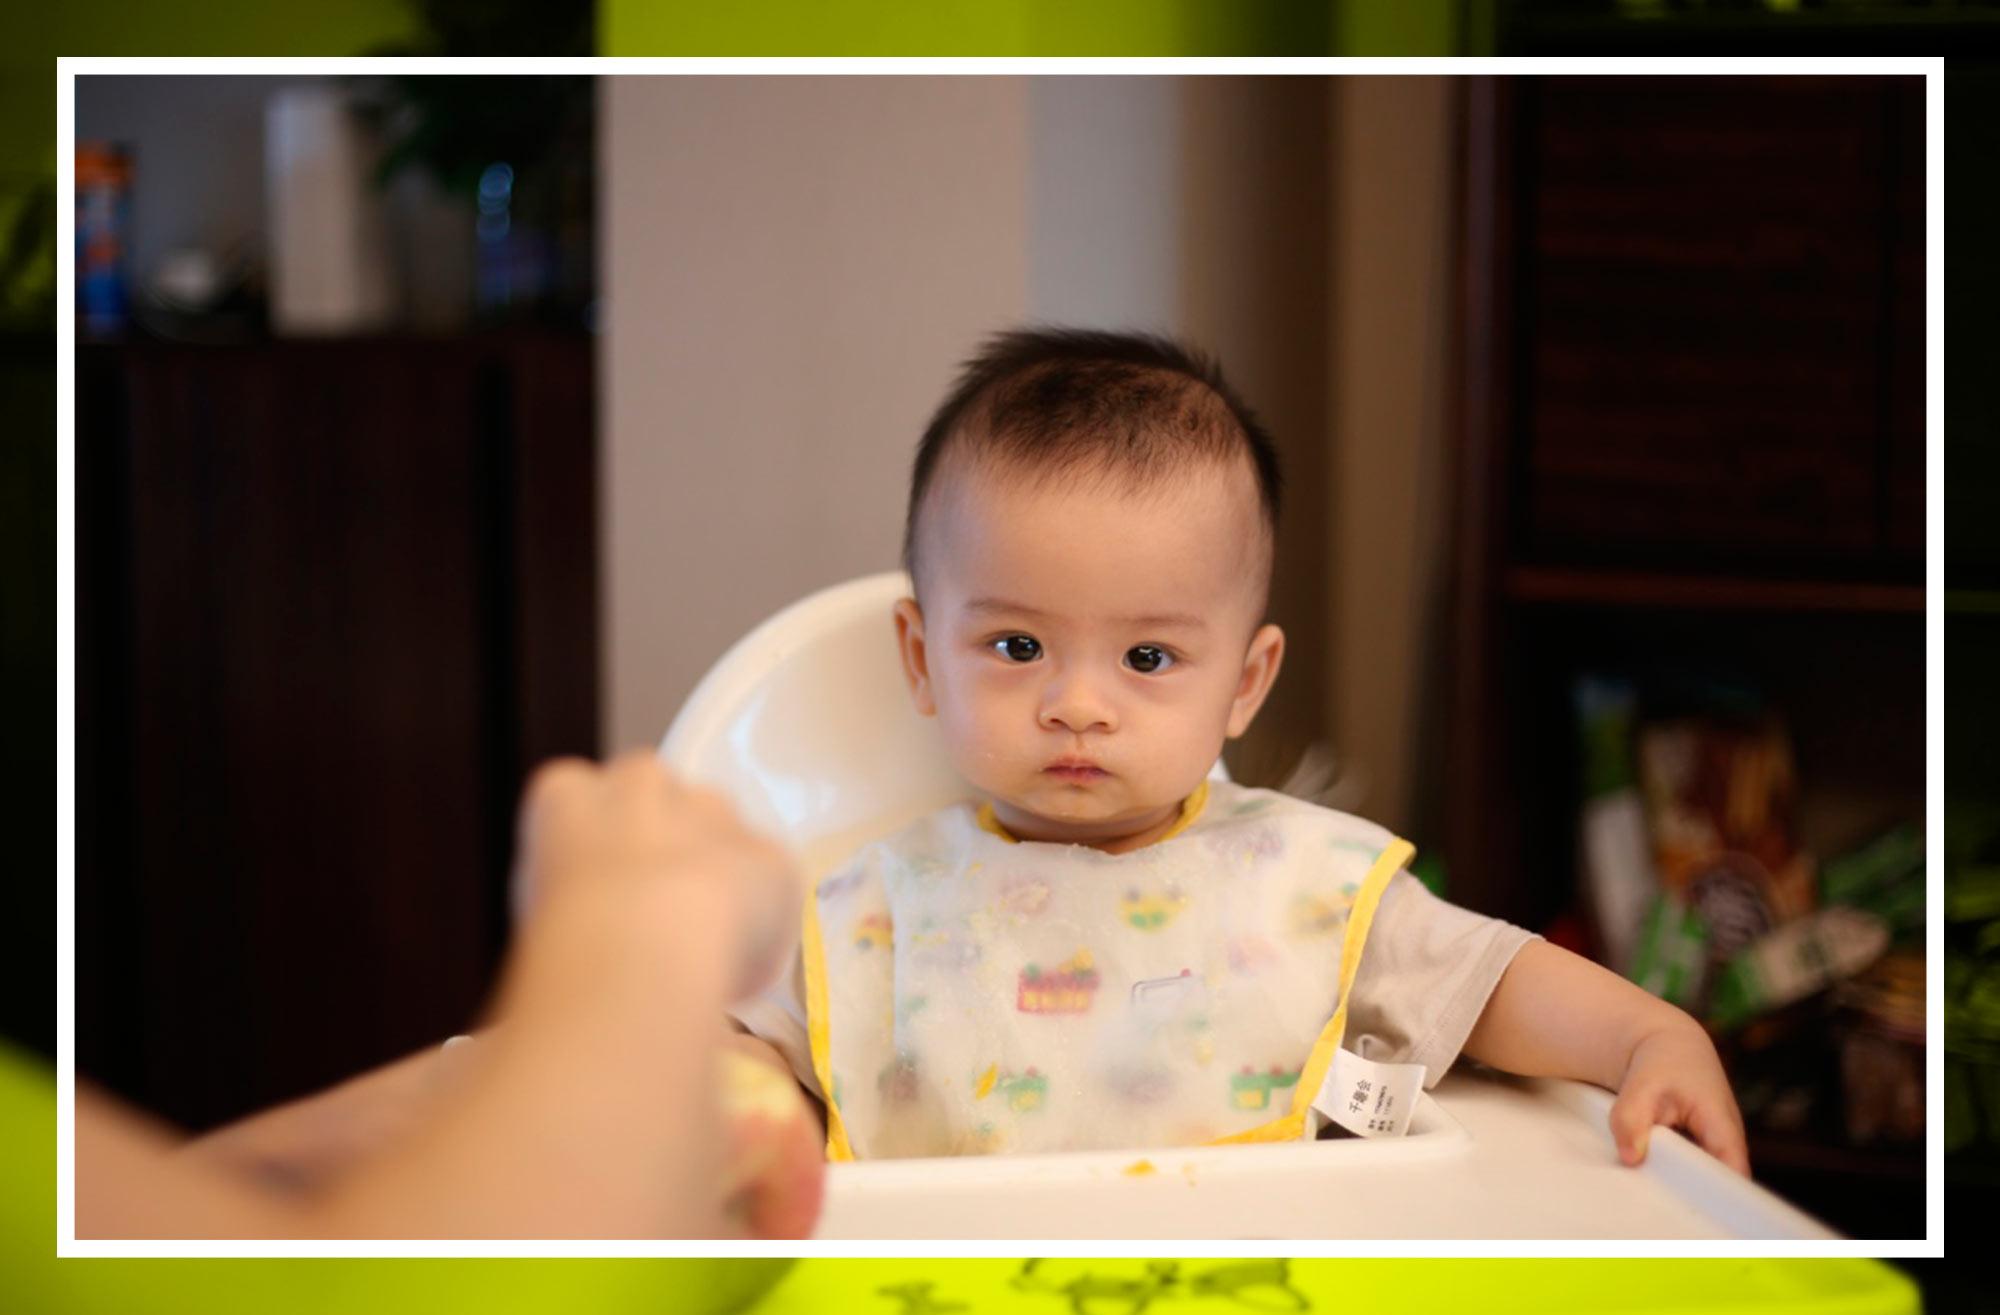 Mi bebé no quiere comer, ¿qué hago?